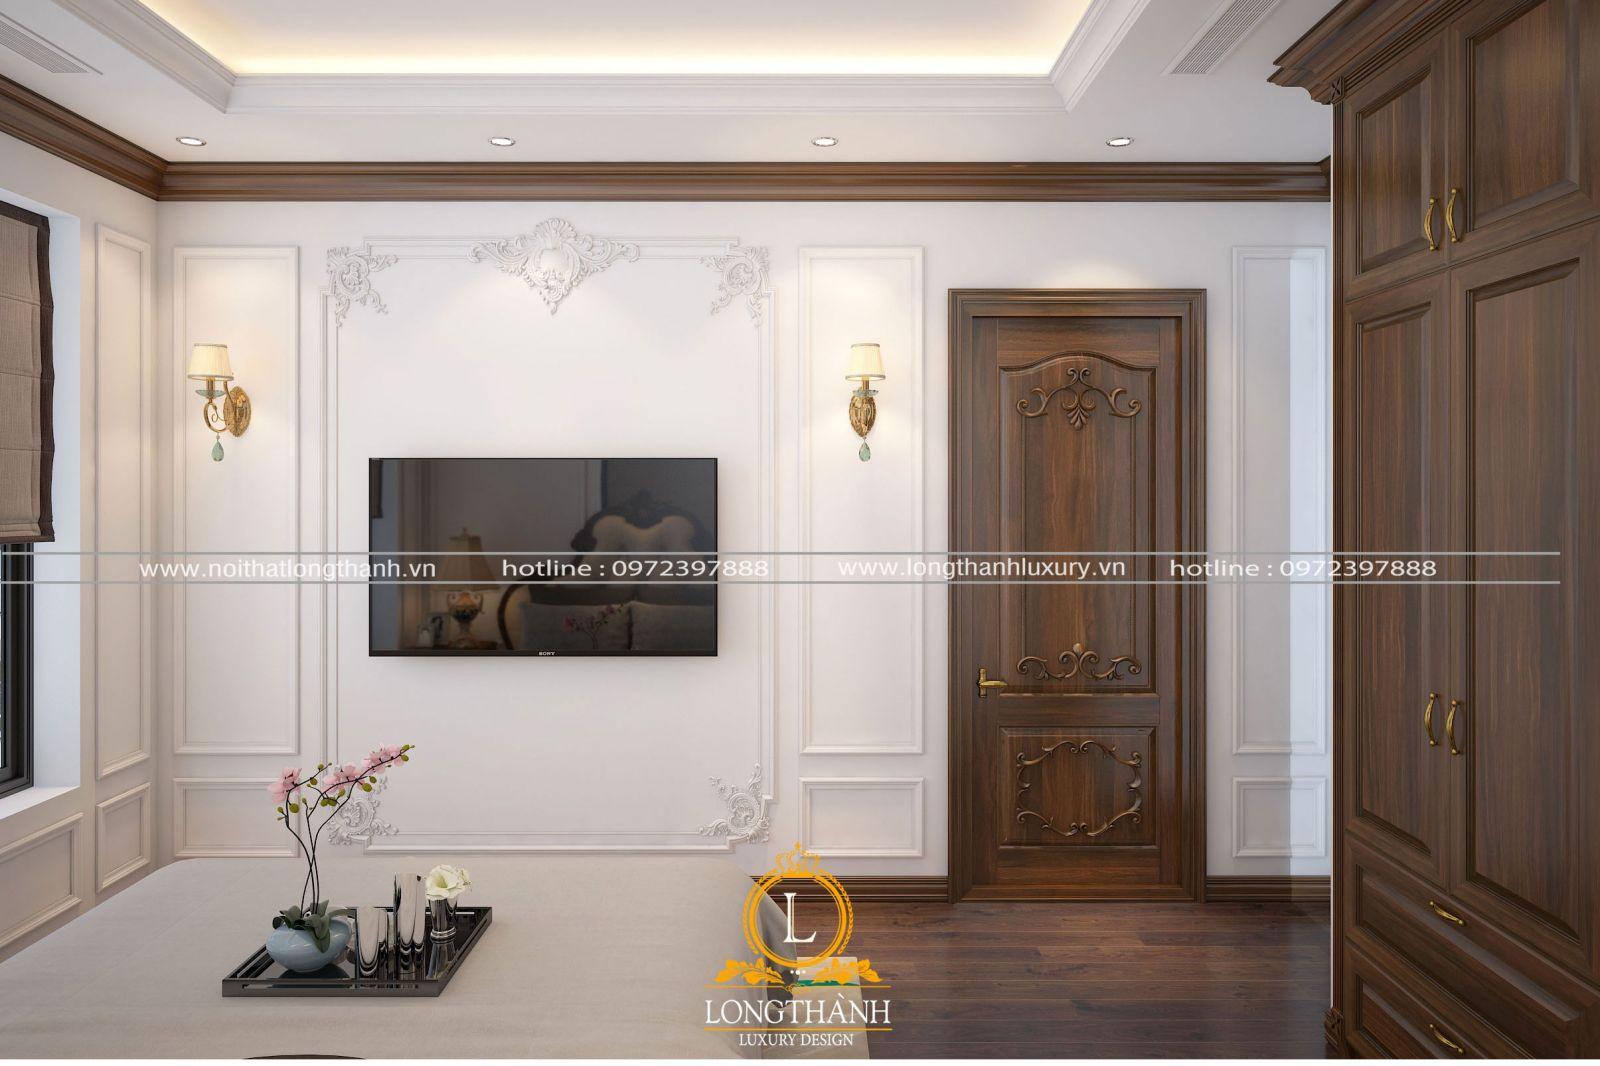 Mẫu cửa gỗ tự nhiêntân cổ điển đơn giản đẹp mê hồn